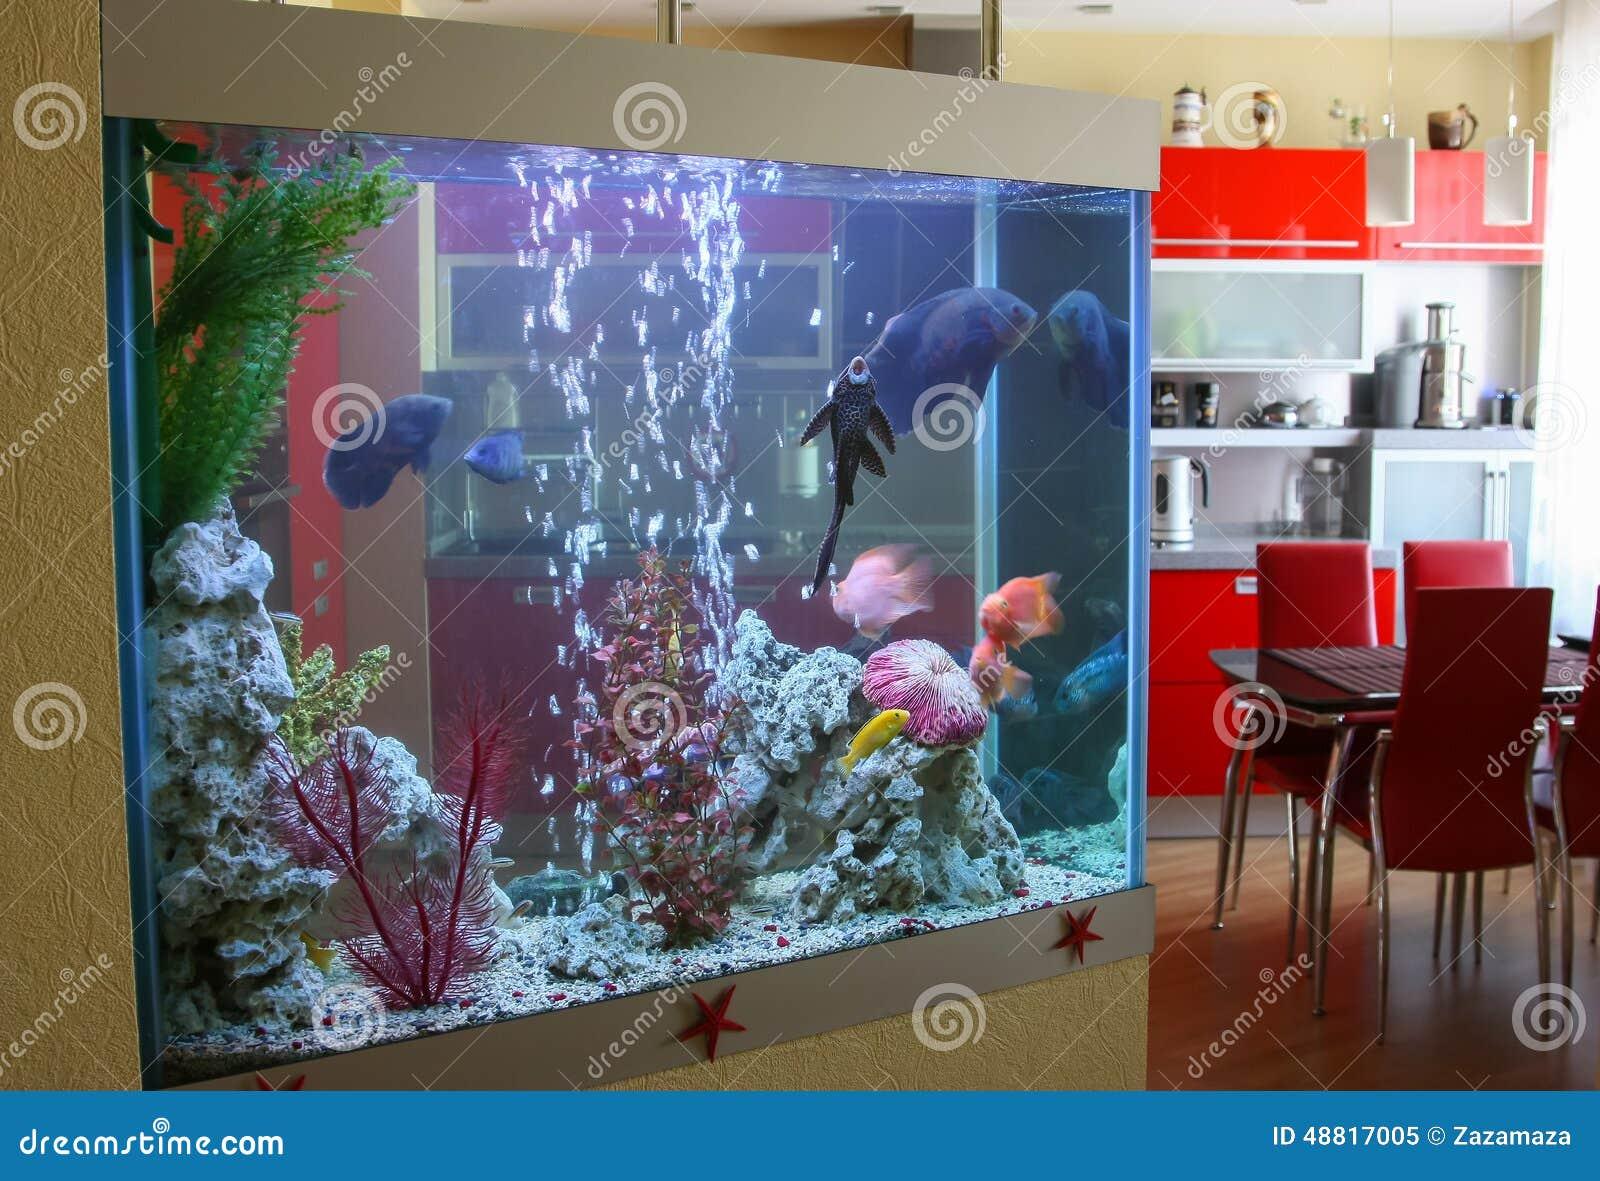 acquario casa prezzi ~ acquario decorazione paesaggio simulazione ... - Acquario Casa Funzionamento E Prezzi